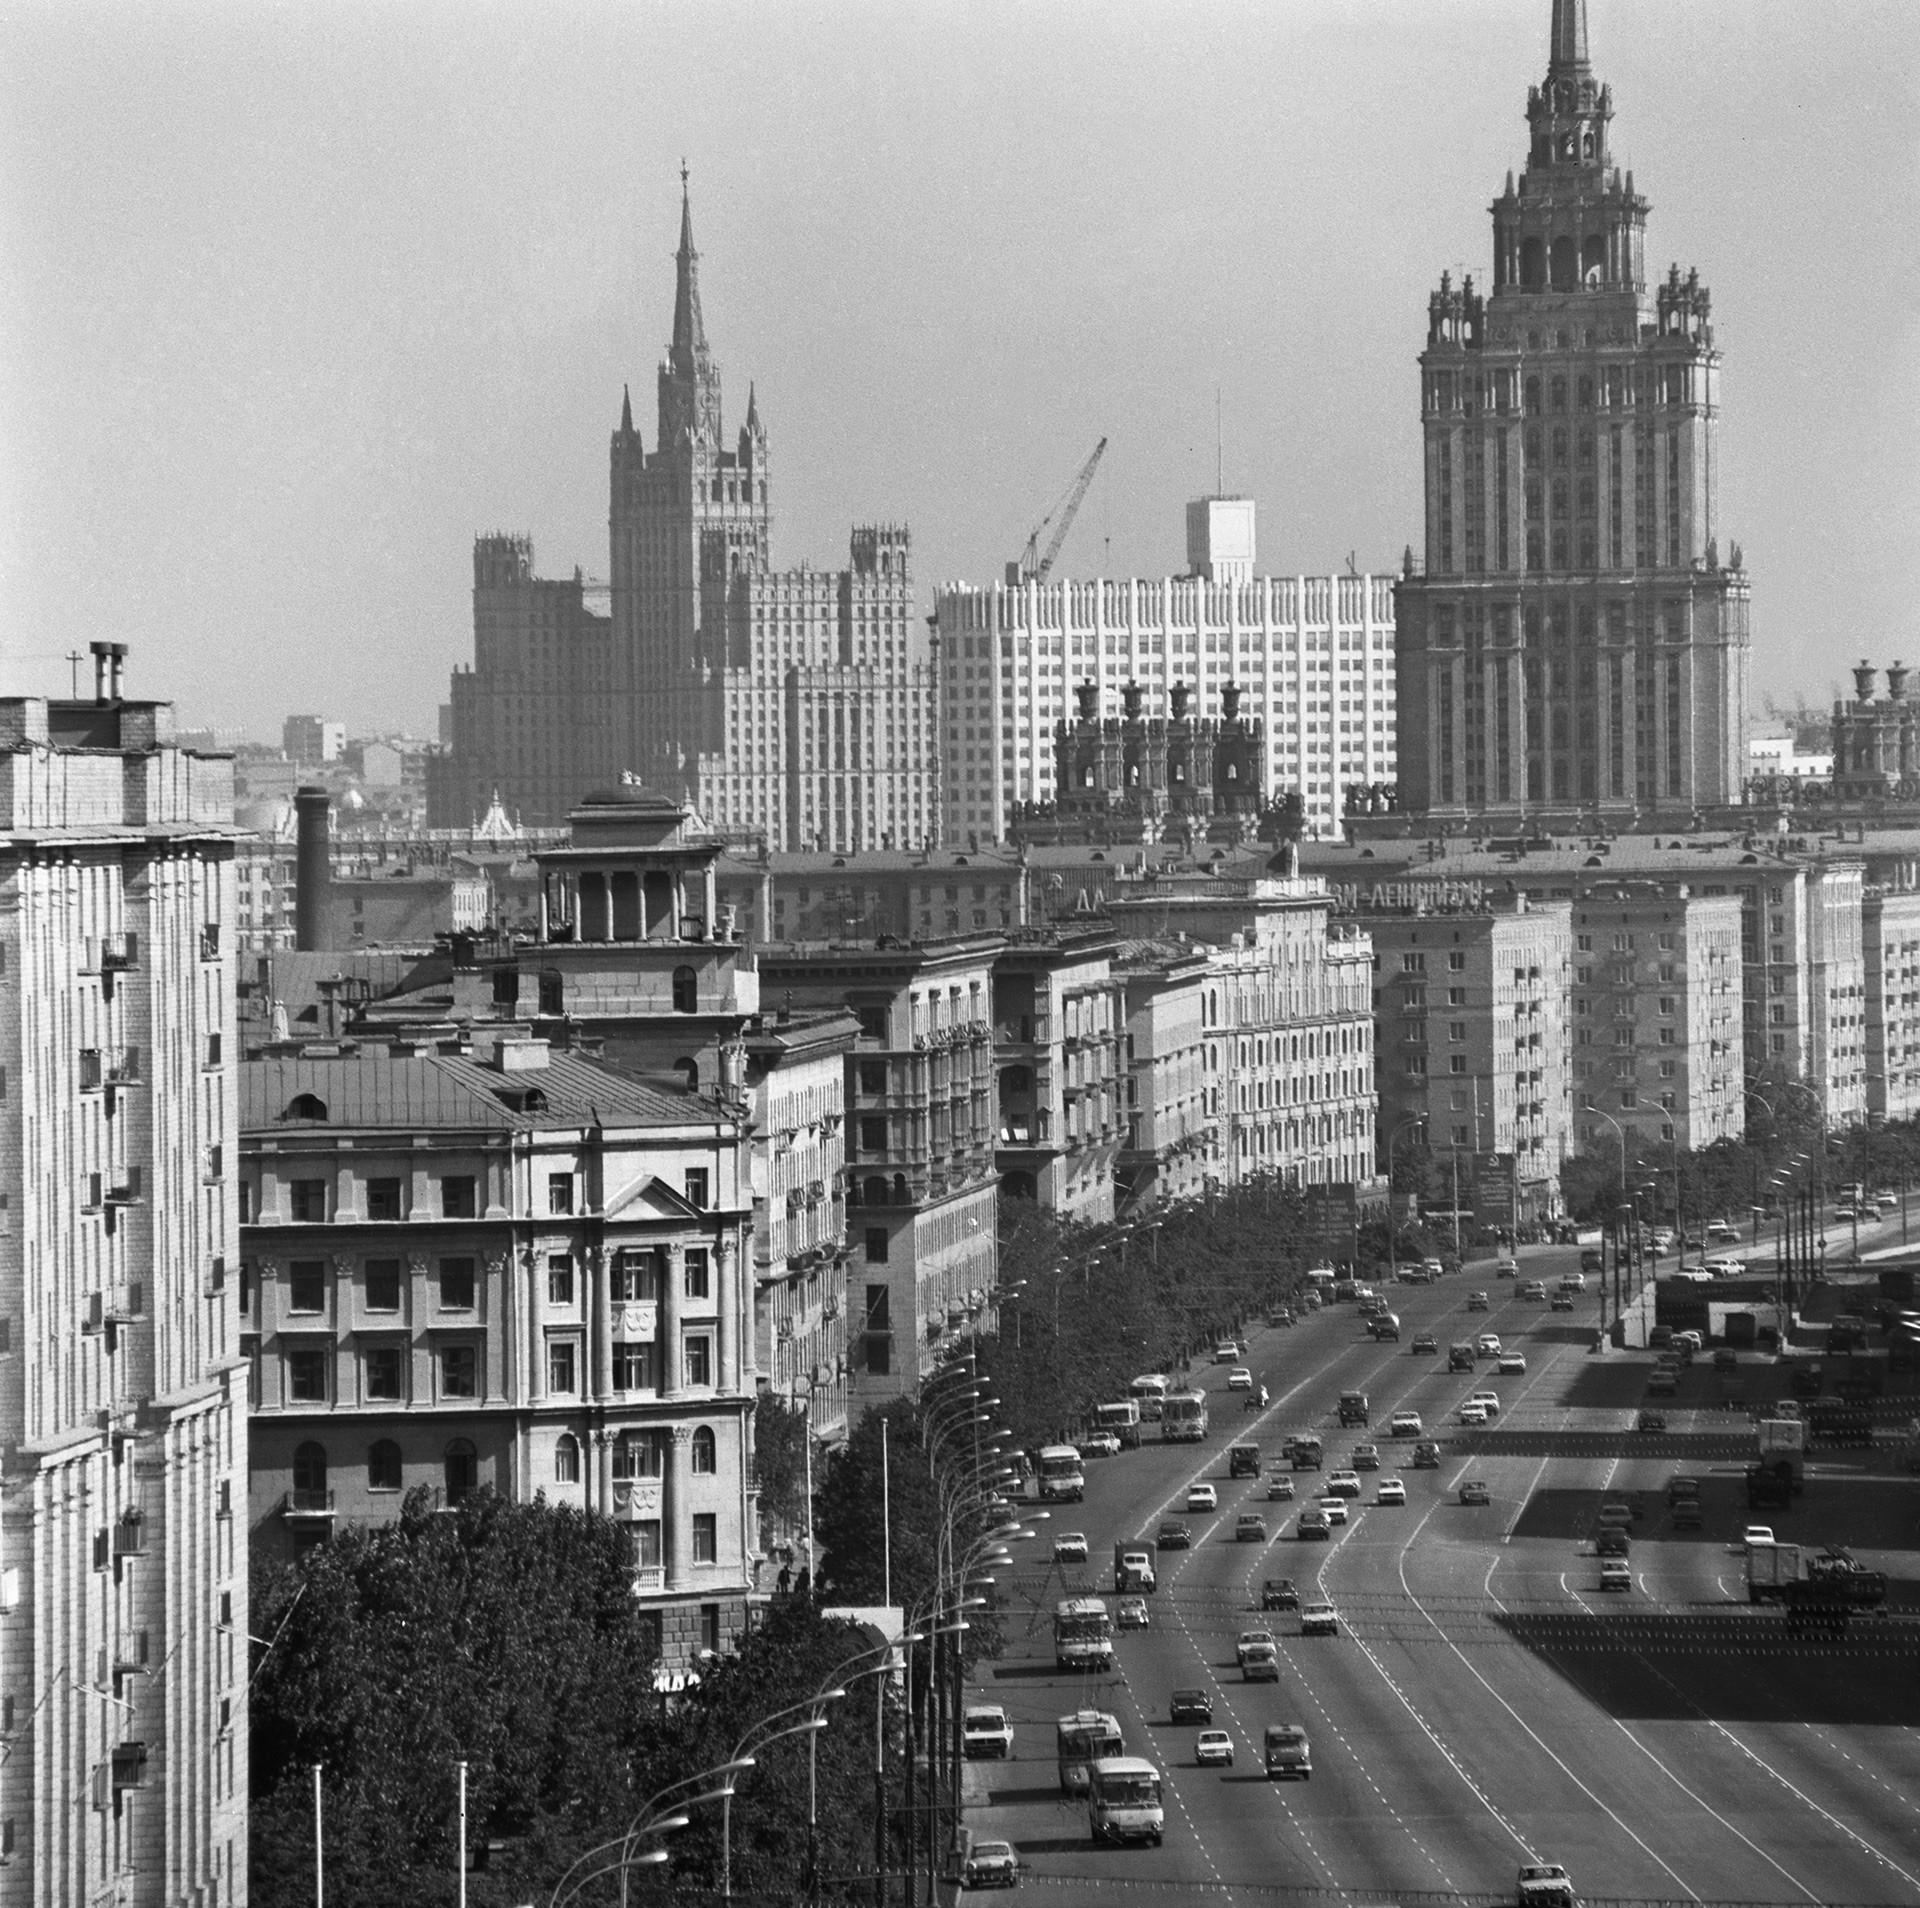 A avenida Kutuzovski Prospekt, em Moscou, onde vivia a elite dos funcionários soviéticos, como Leonid Brejnev e Iúri Andropov.